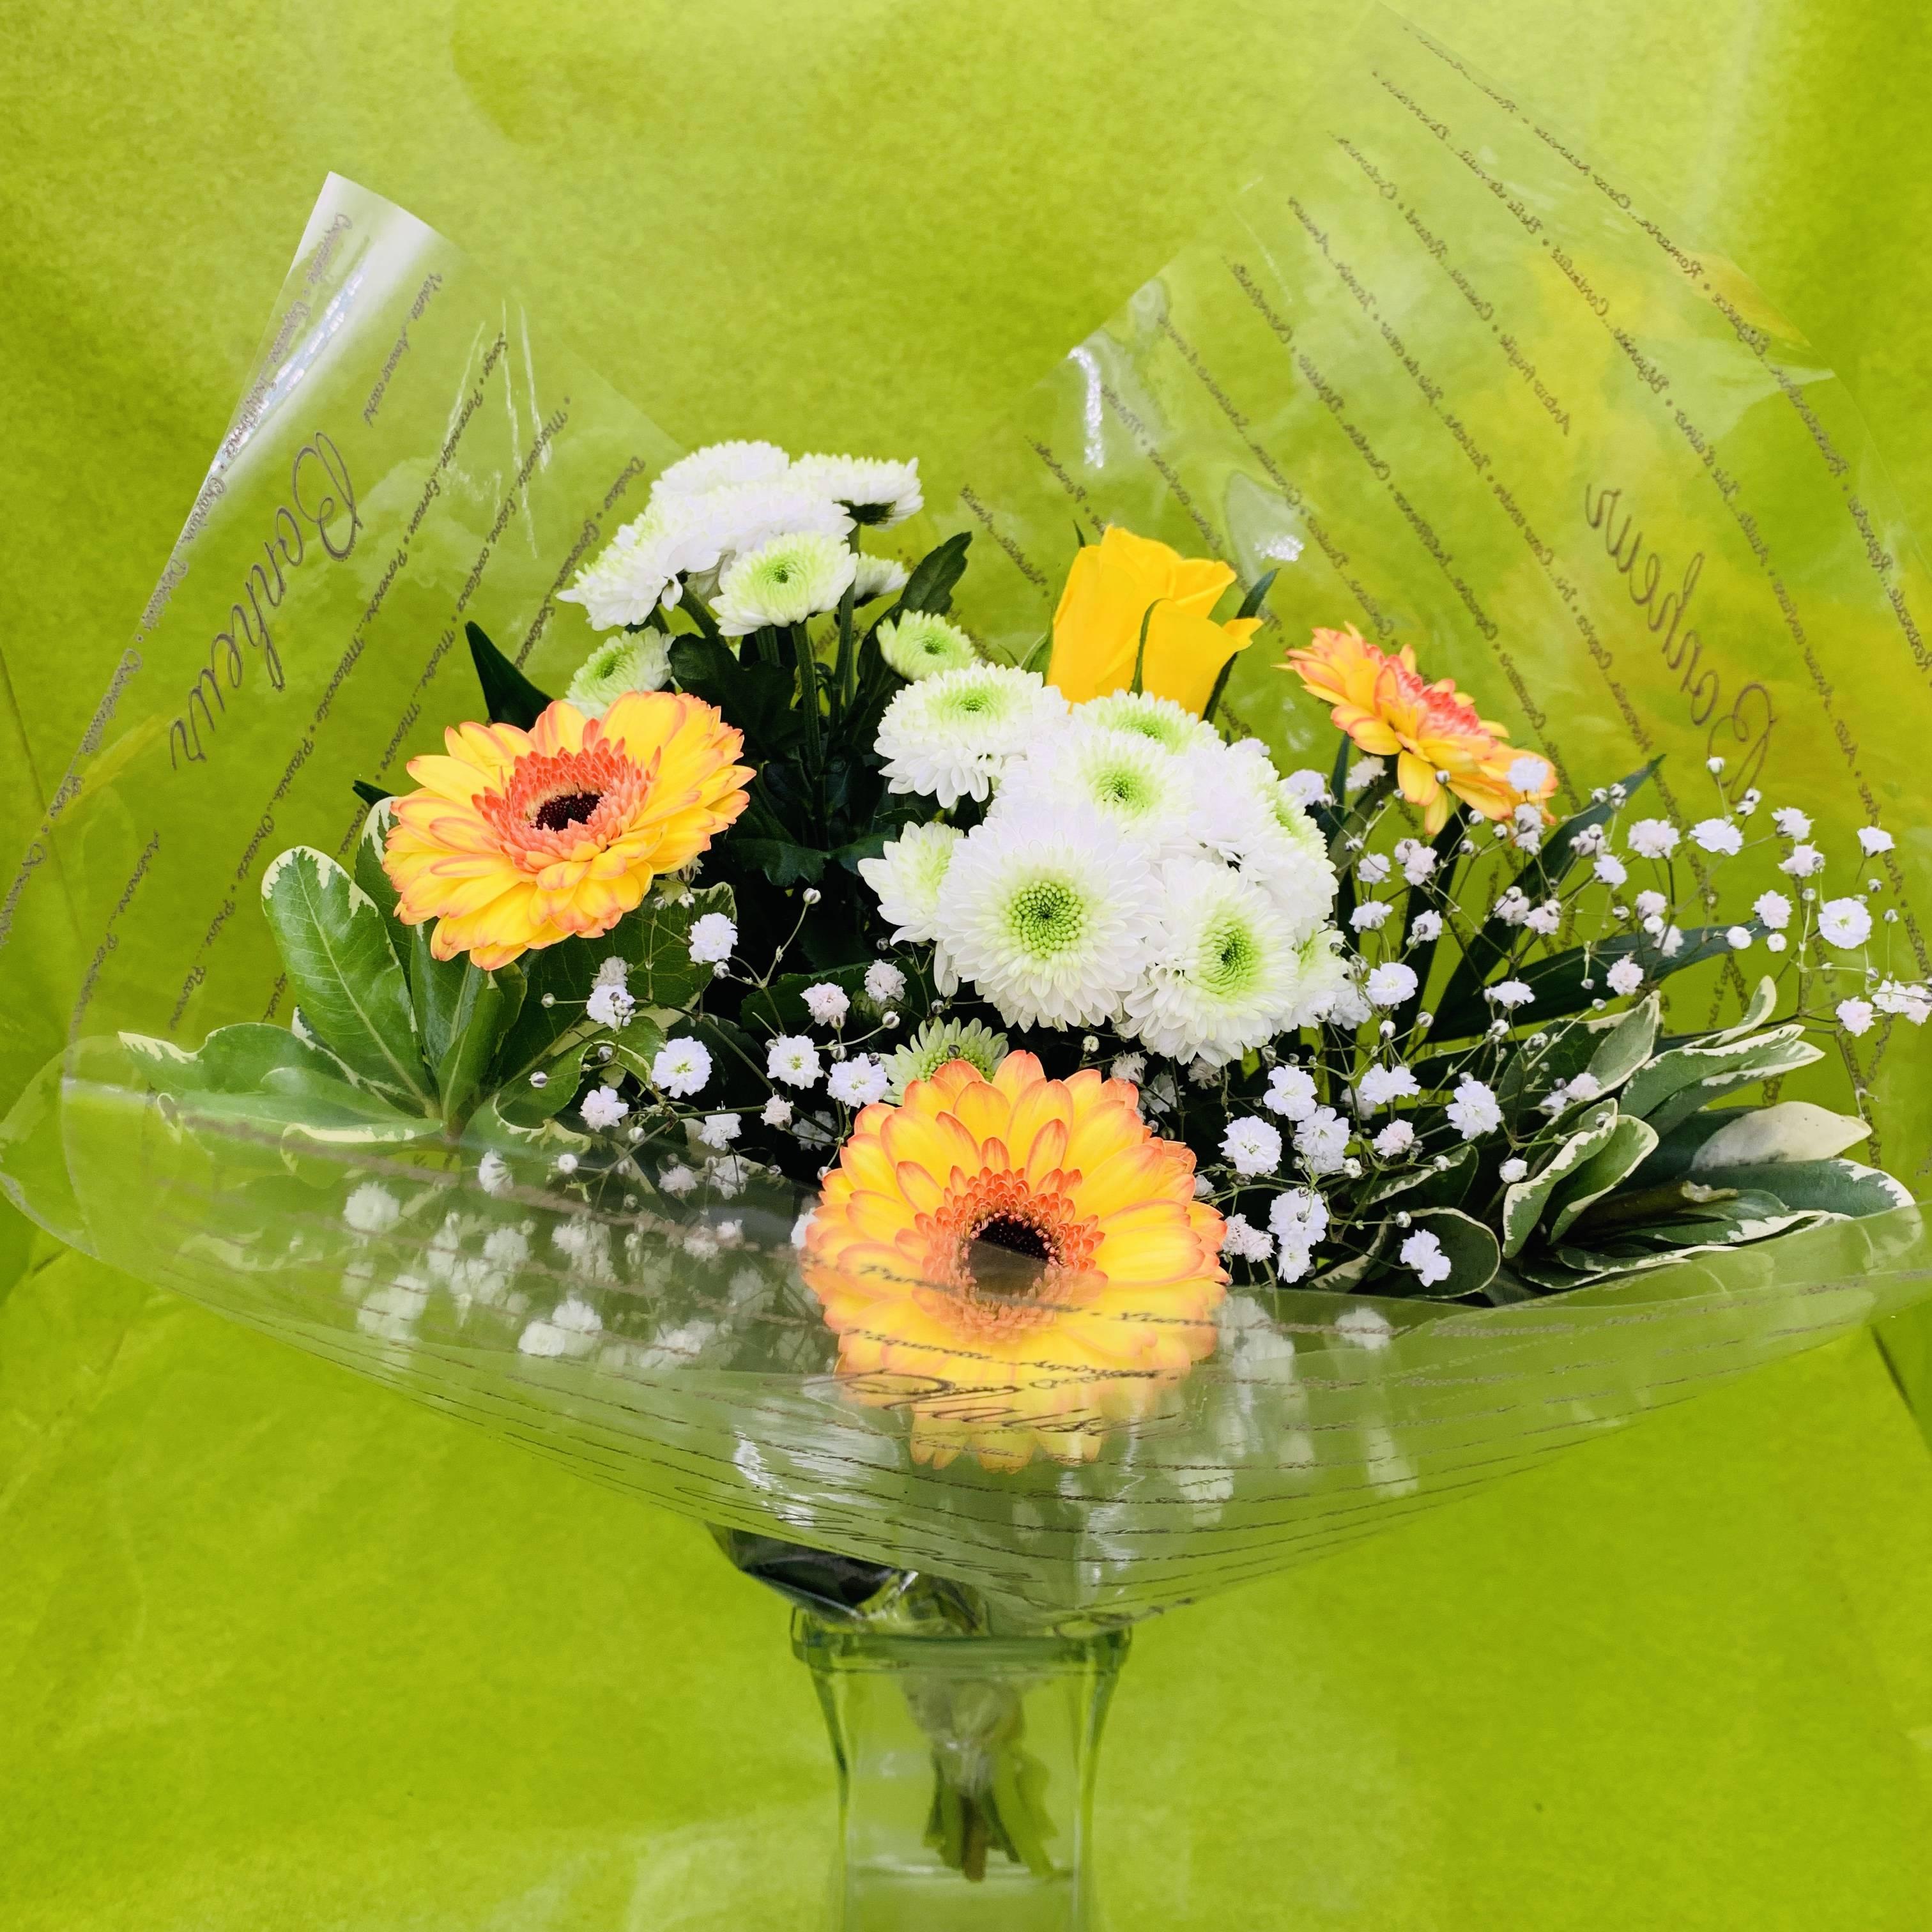 Bouquet Sophie Rose Flor M By Nico Fleur